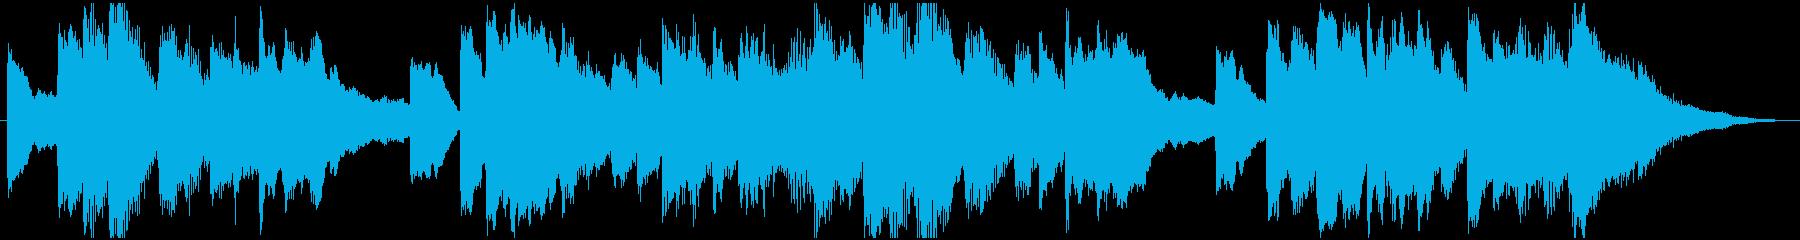 寂しい回想の様な雰囲気の約30秒のBGMの再生済みの波形